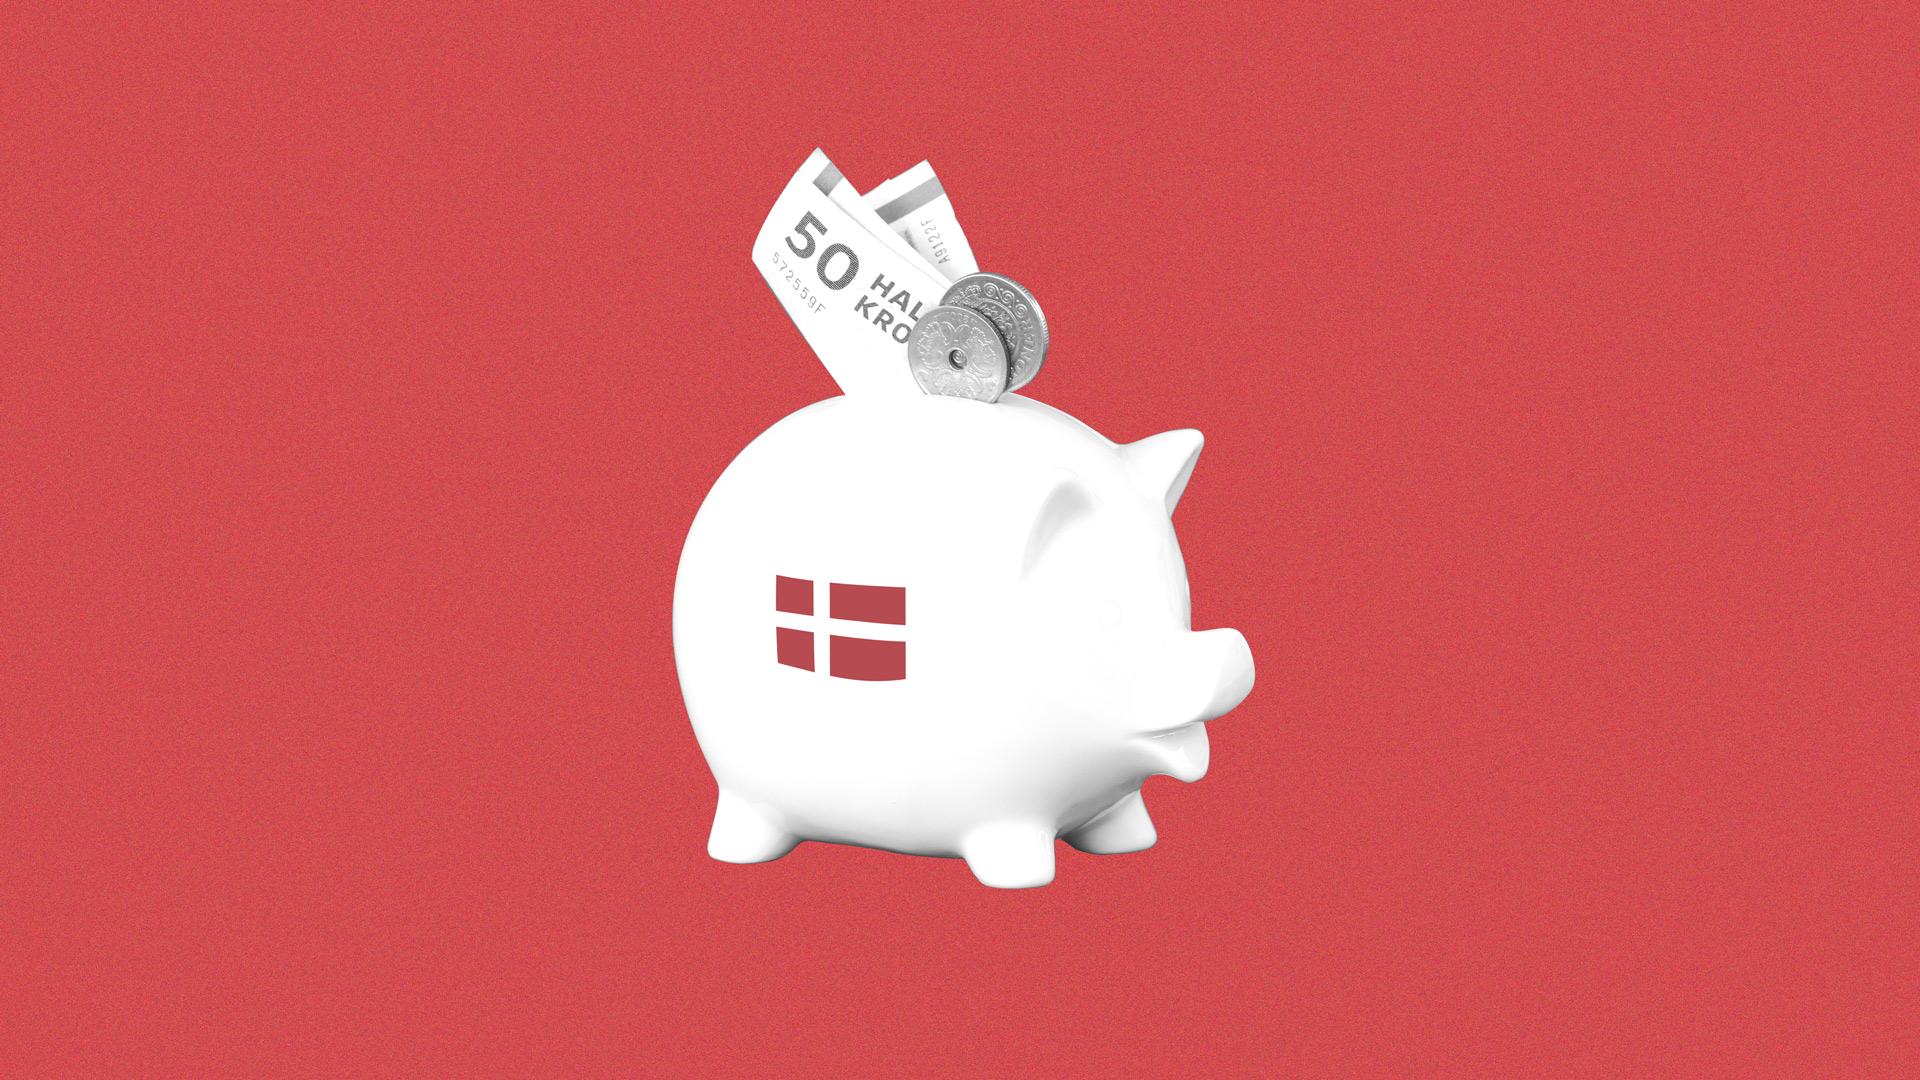 danske-udgifter.jpg